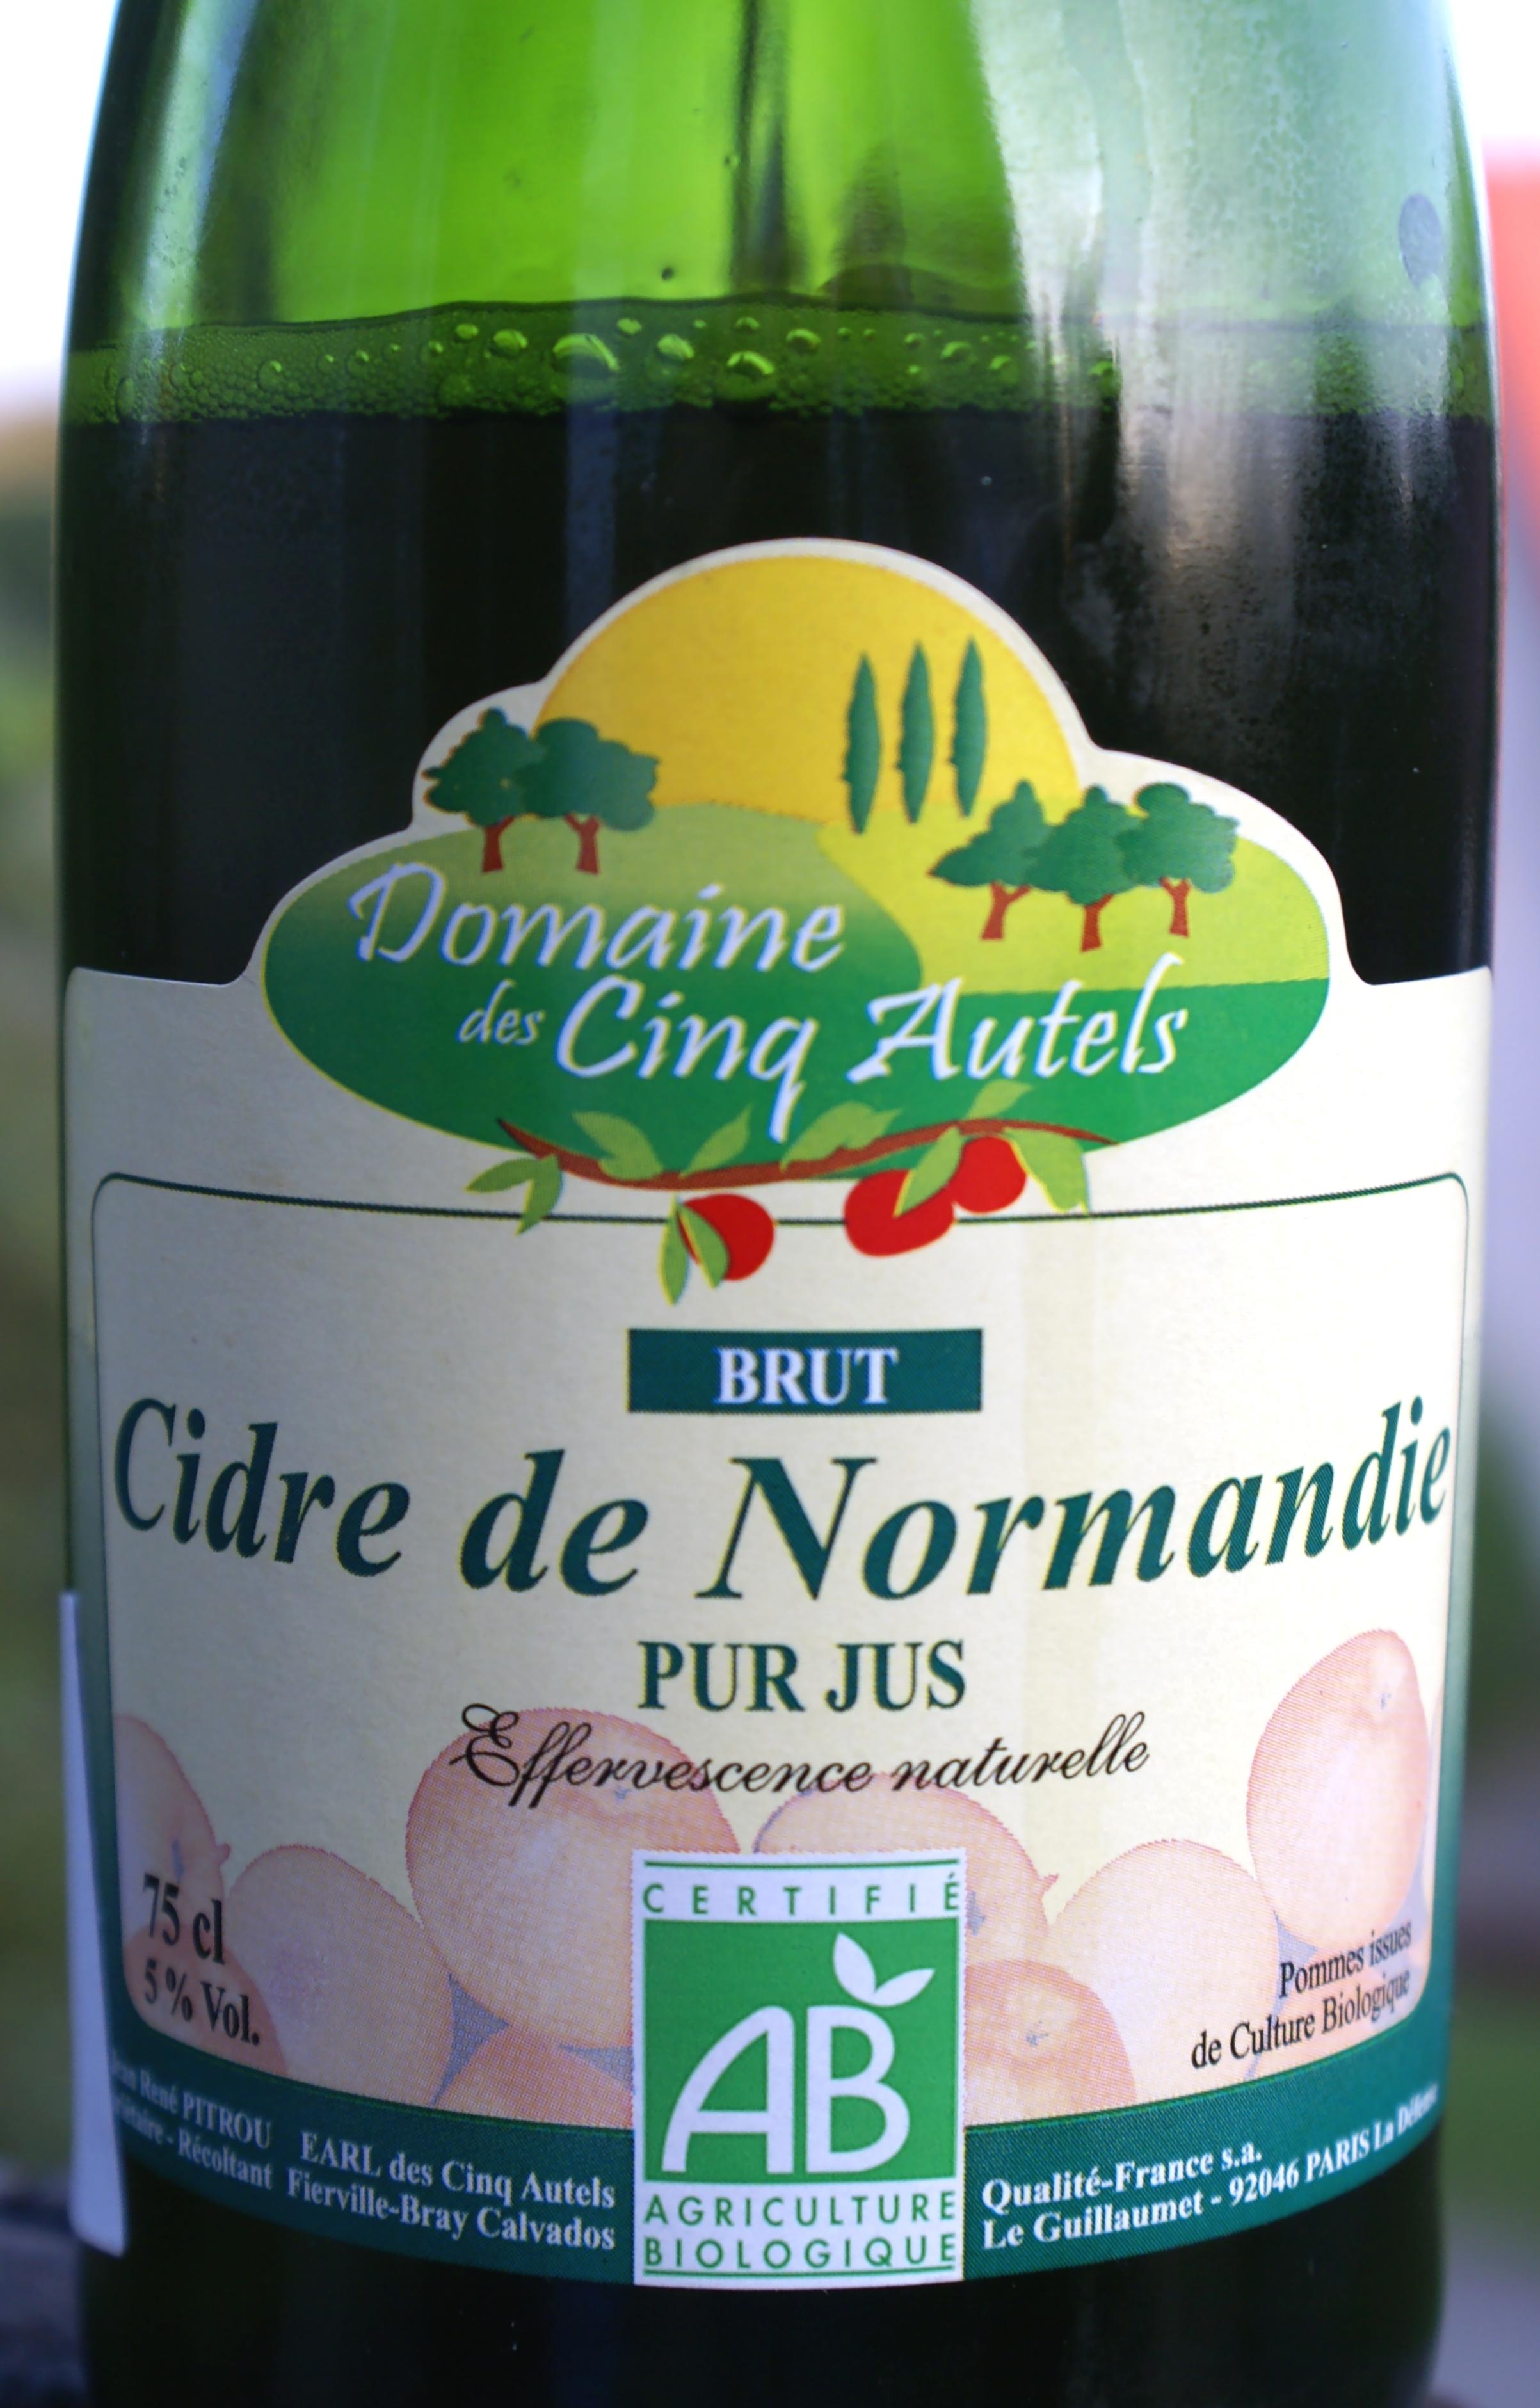 Domaine des Cinq Autels Cidre de Normandie Brut